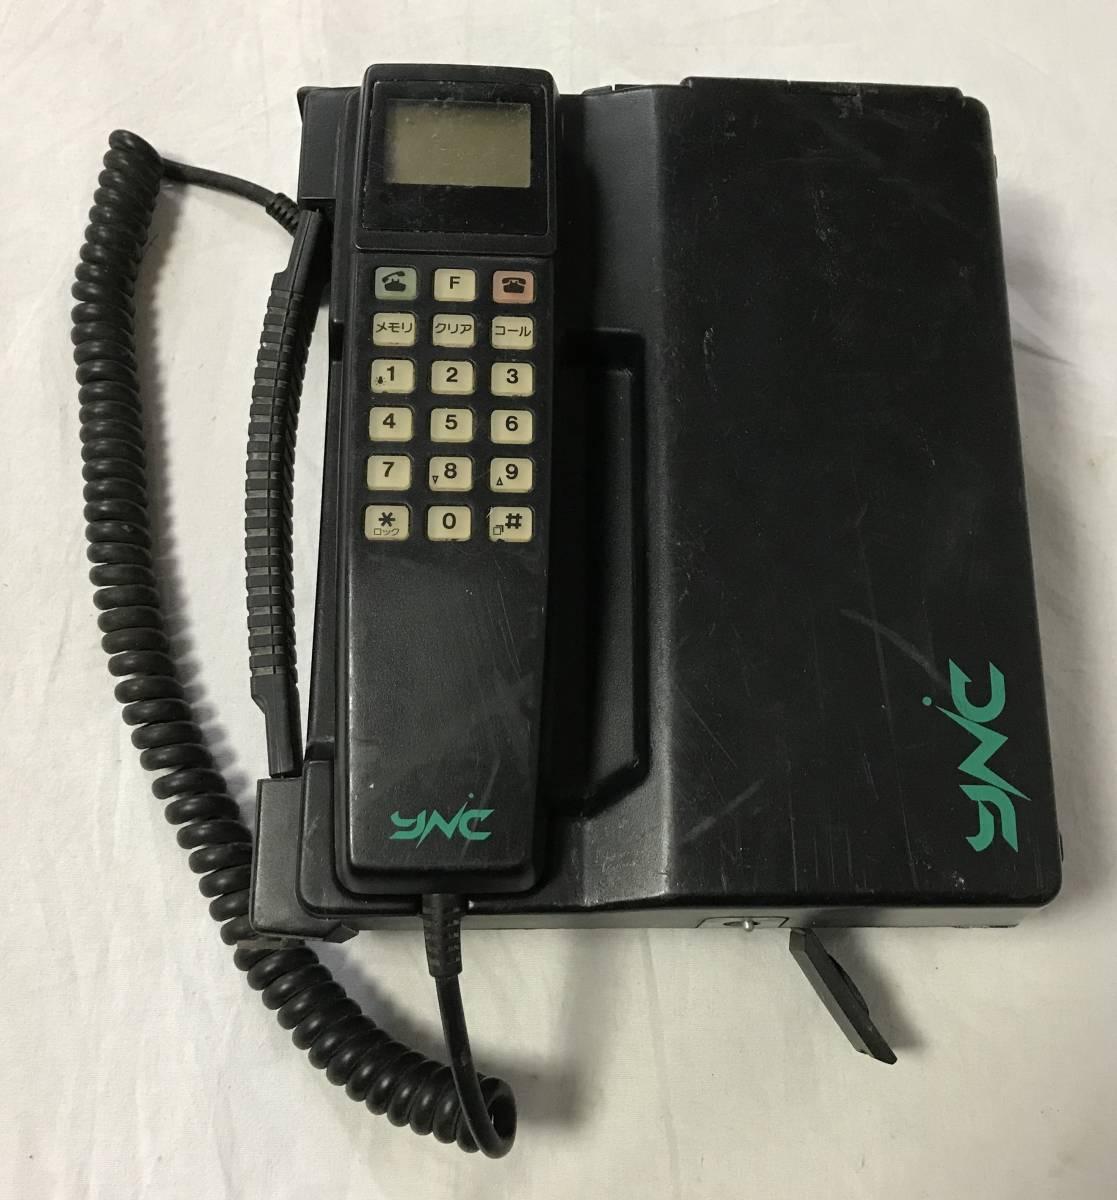 1991年製 EF-6256形簡易陸上移動無線電話移動機 カーテレフォン 車 携帯電話 初期 昭和レトロ_画像2